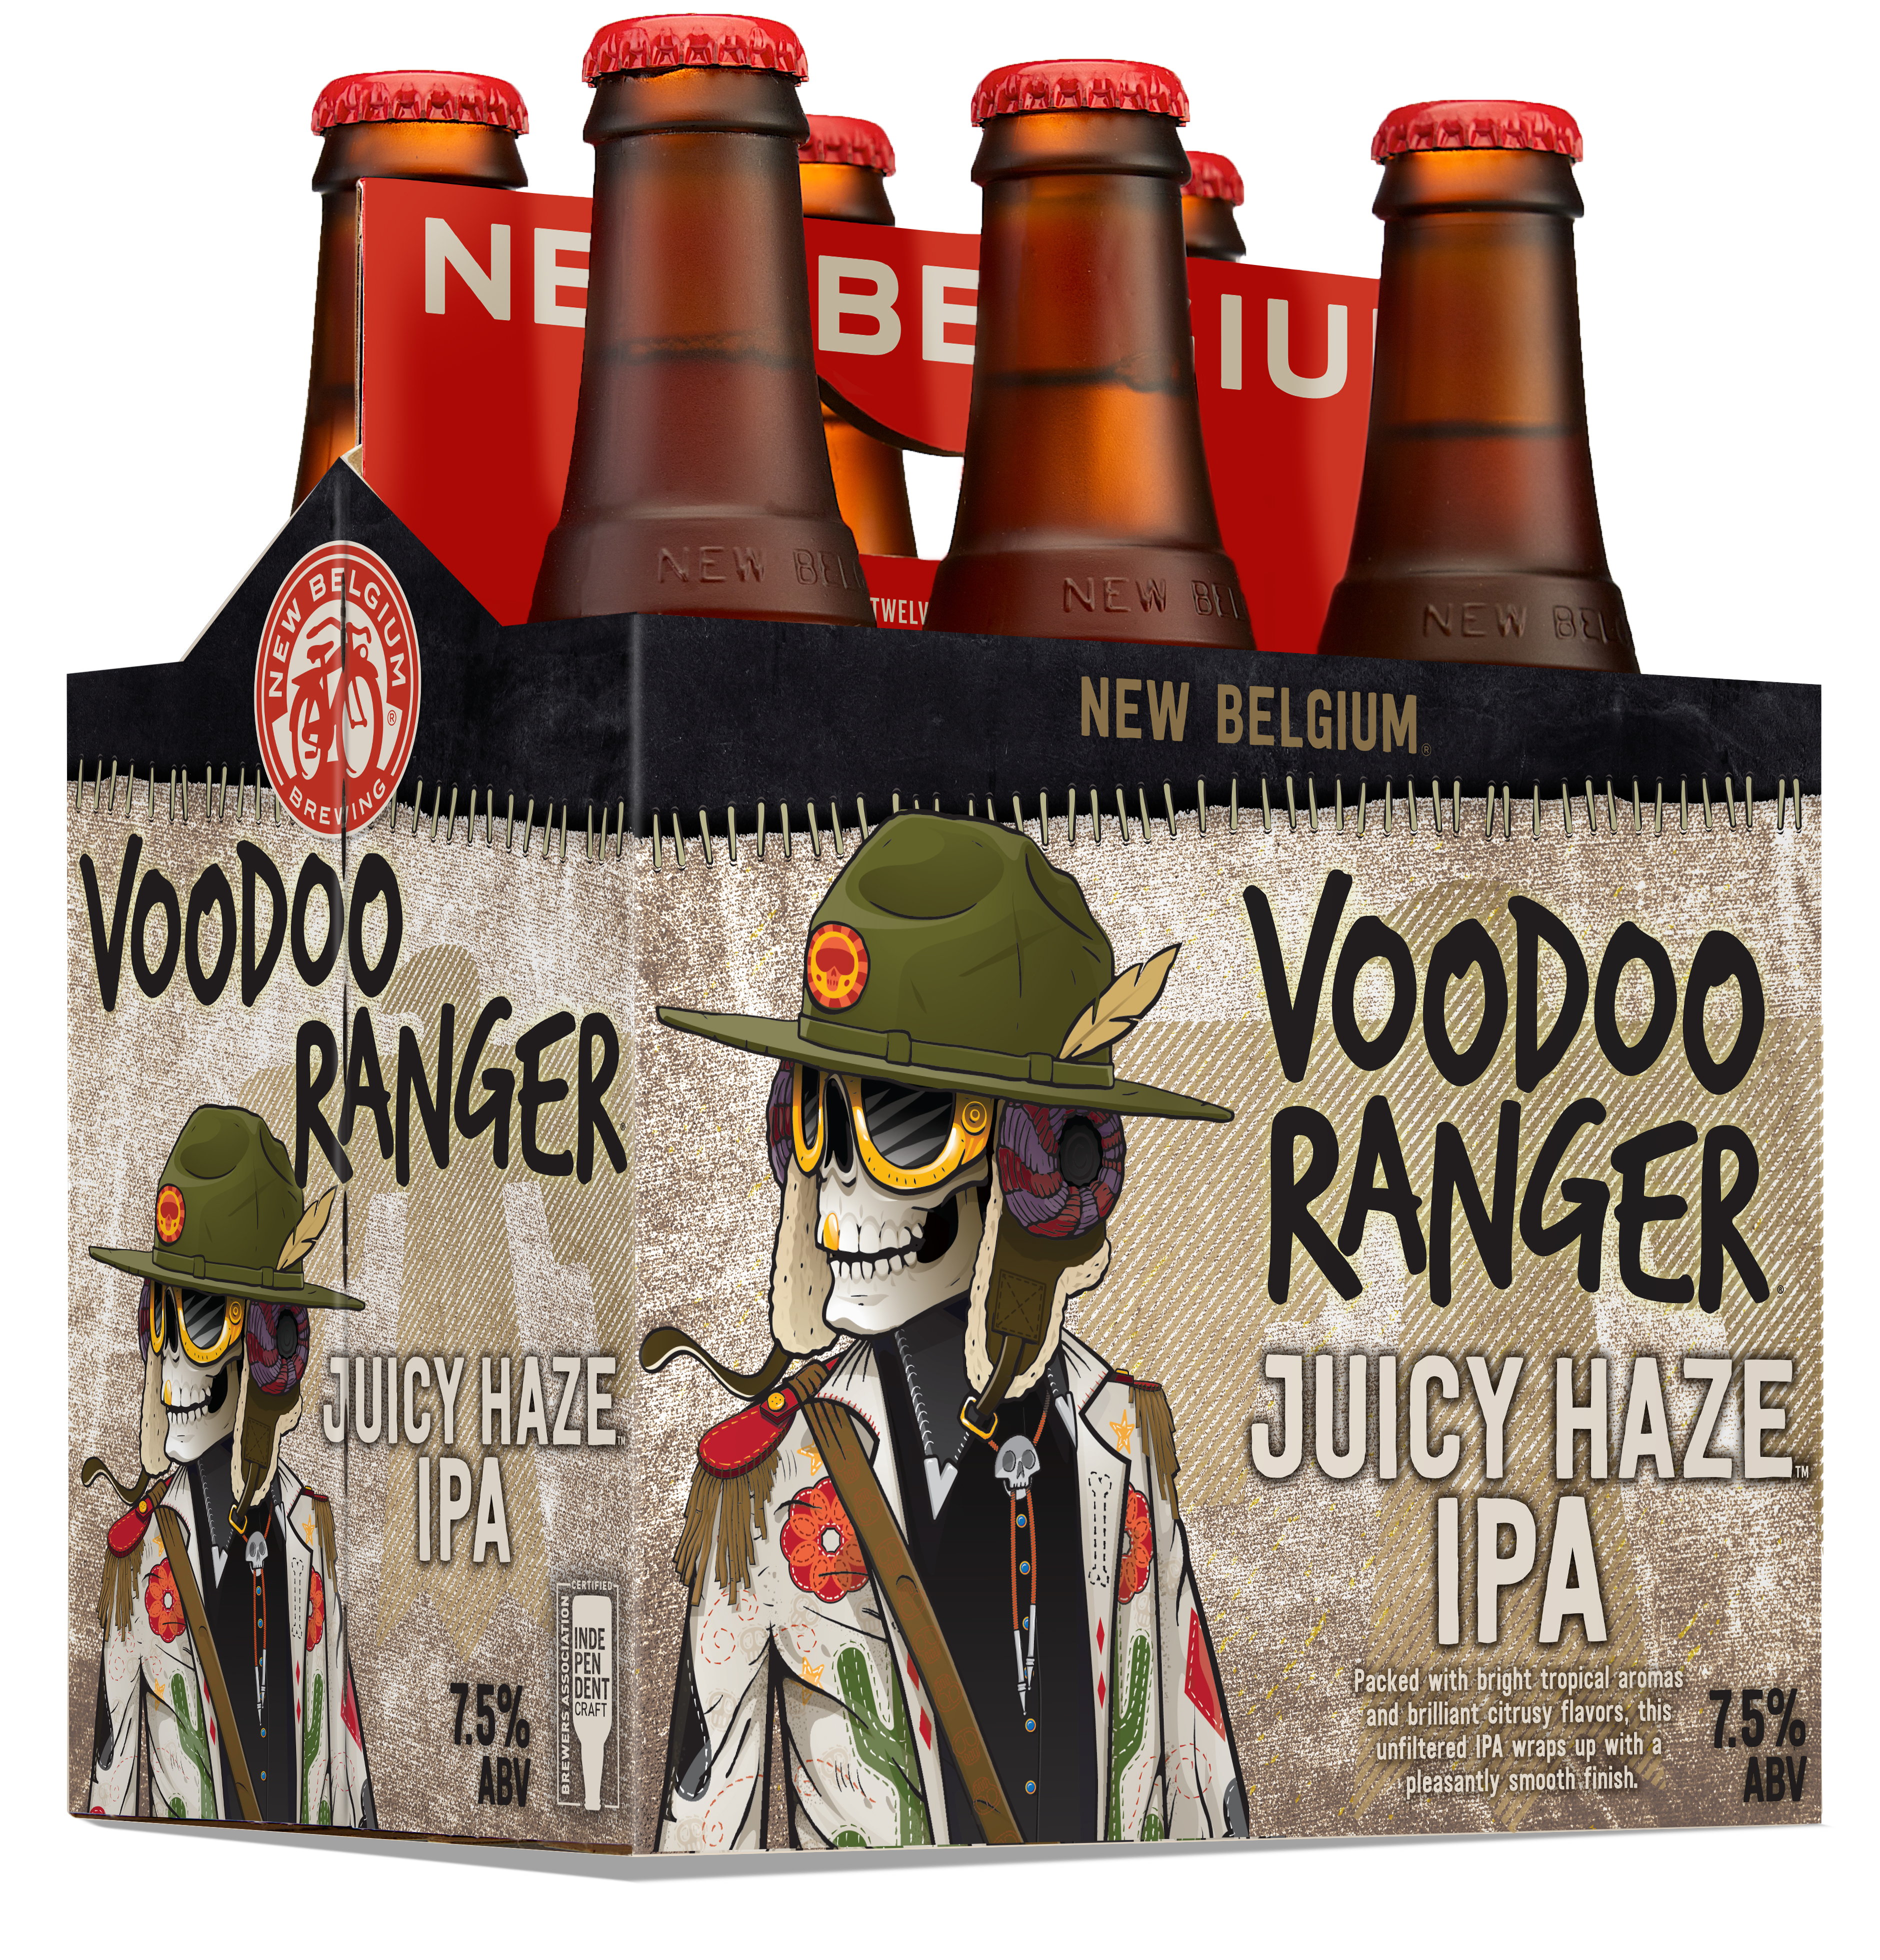 Voodoo Ranger Juicy Haze IPA Six Pack